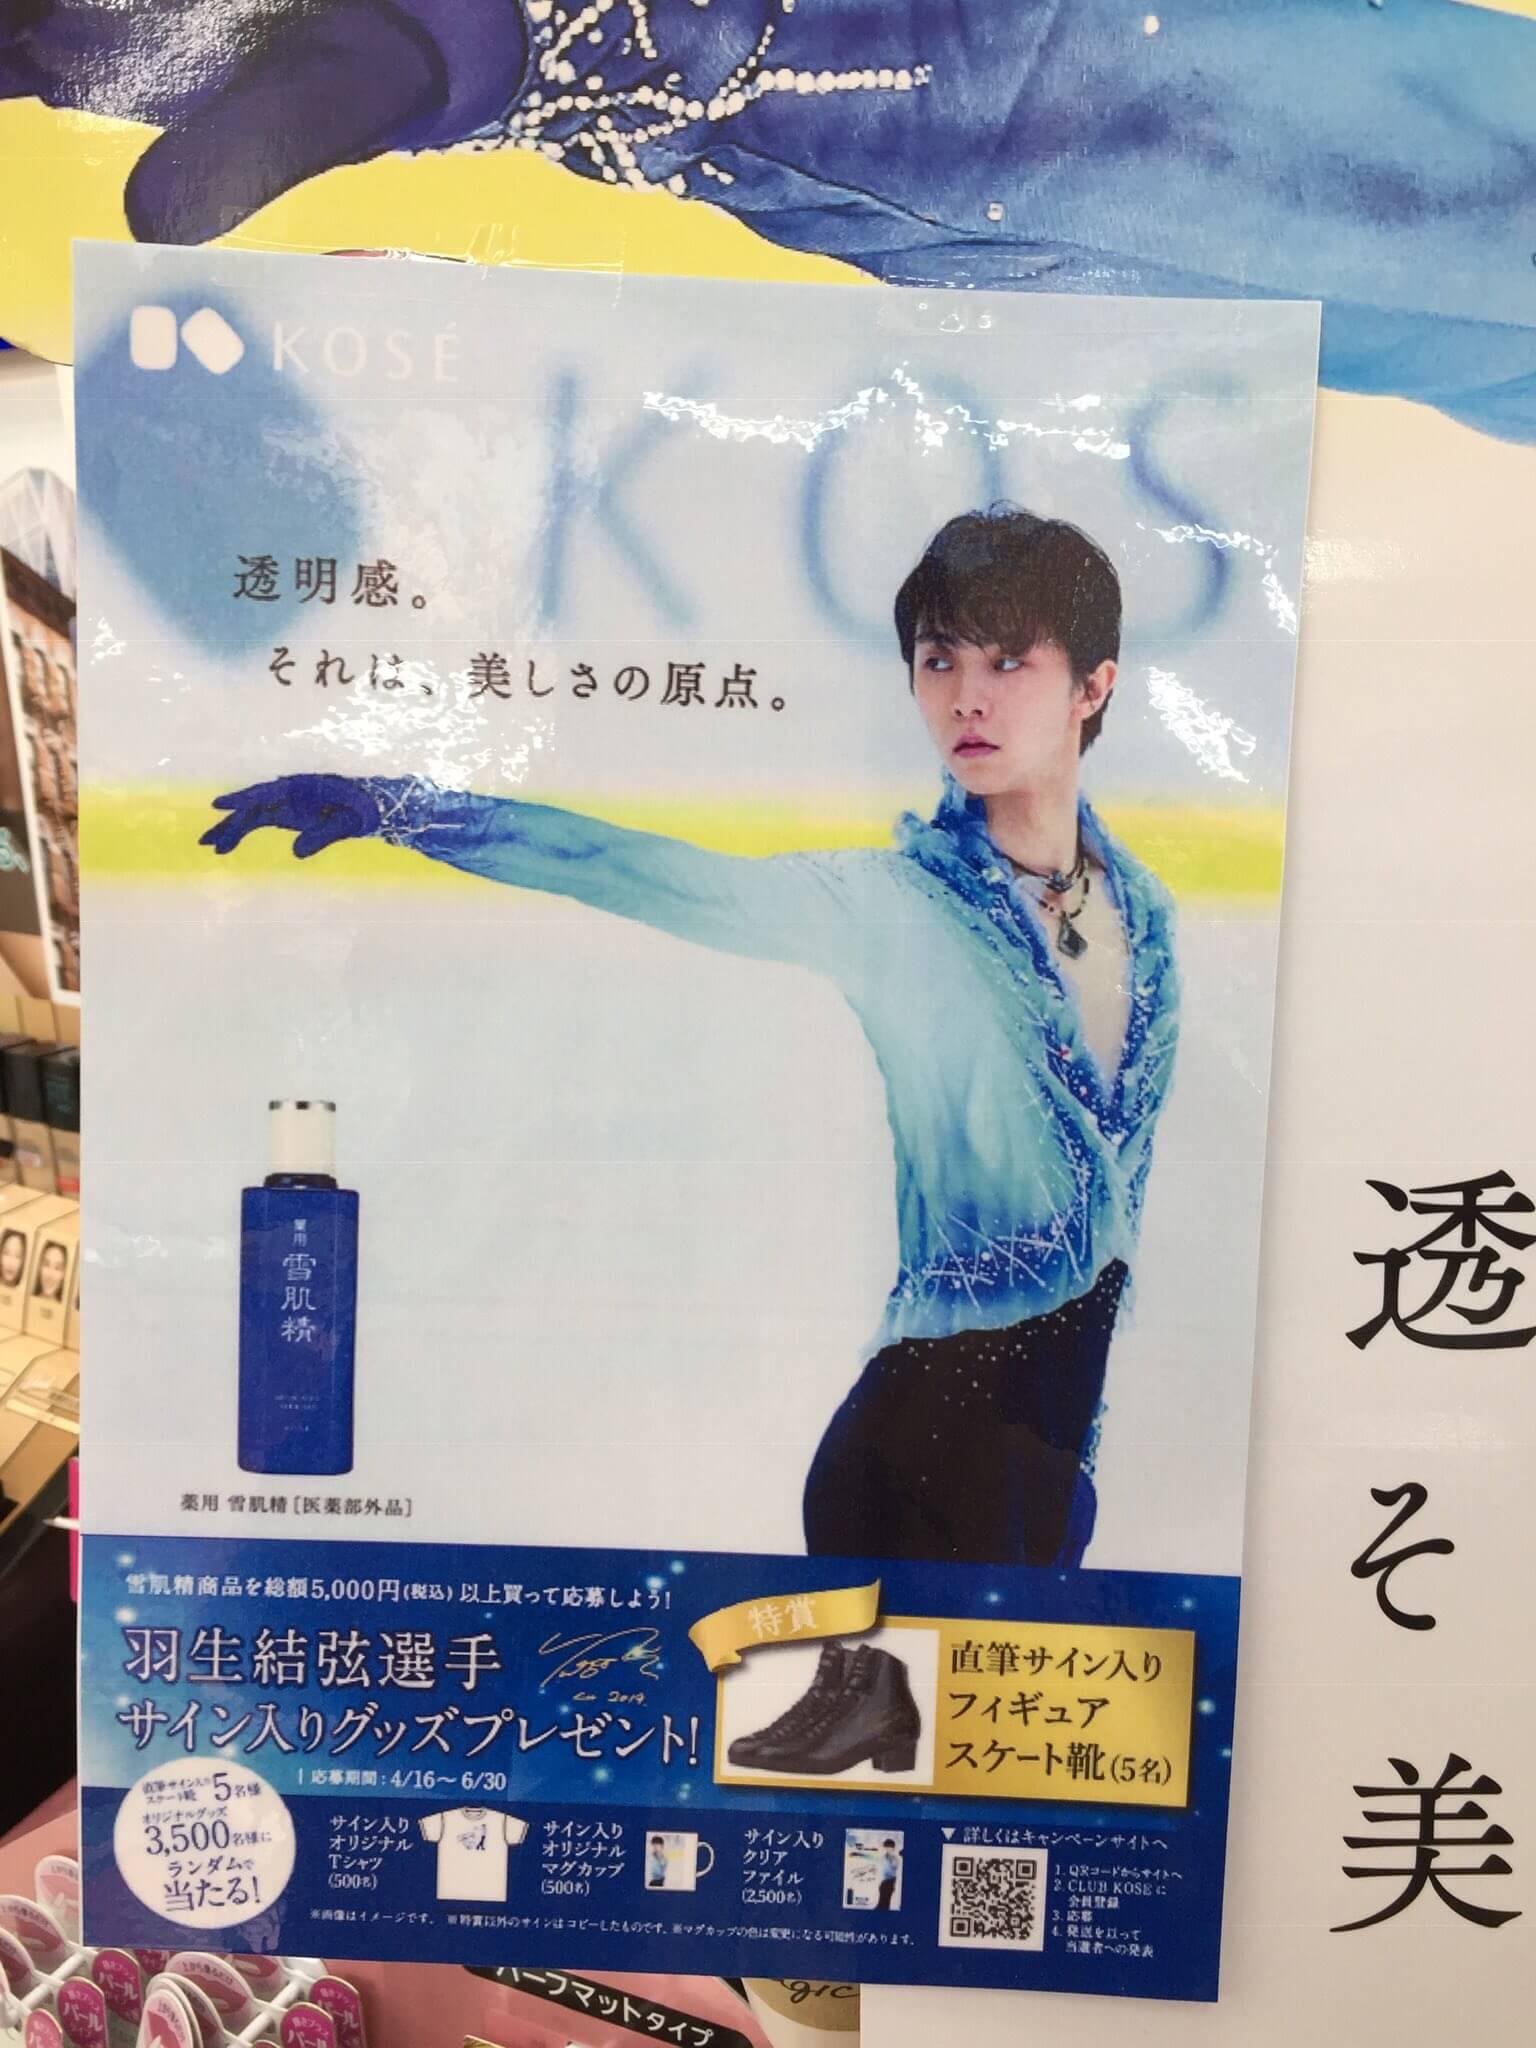 雪肌精のキャンペーンキタ━(゚∀゚)━! 羽生結弦直筆サイン入りスケート靴あるぞ!www